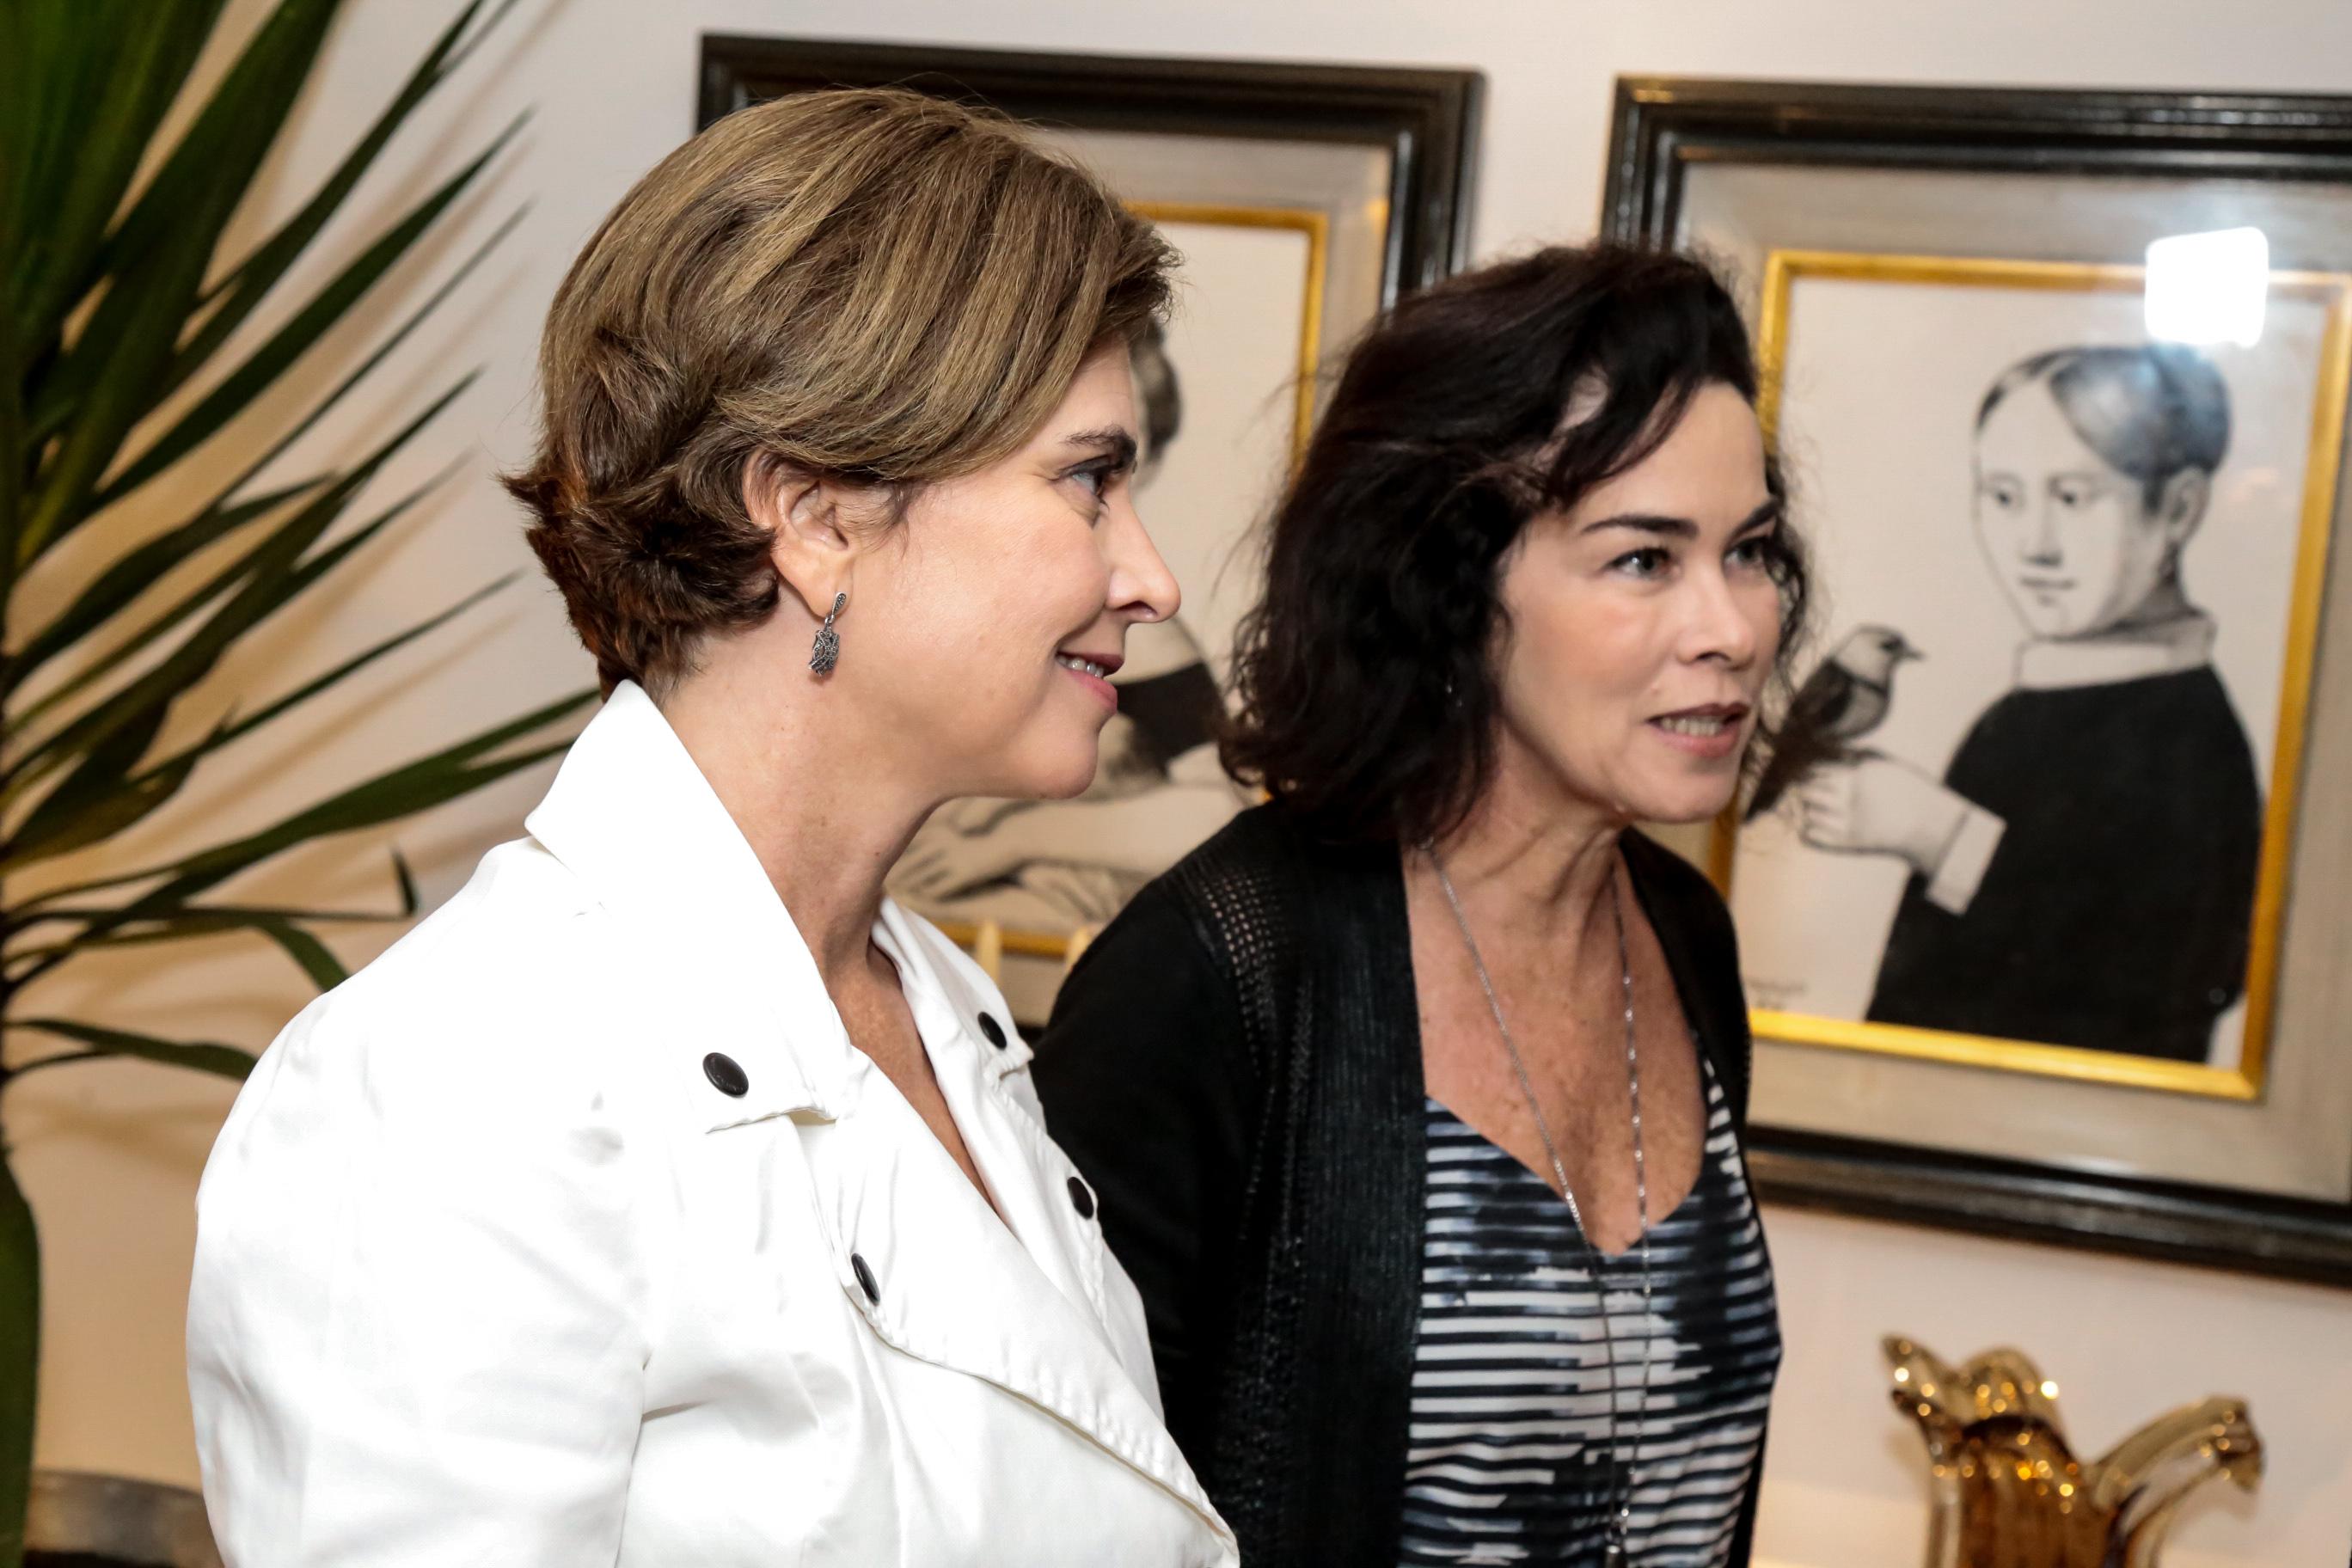 Marcia e Celina da Fonte são franqueadas da marca no Nordeste - Crédito: Gleyson Ramos/Divulgação